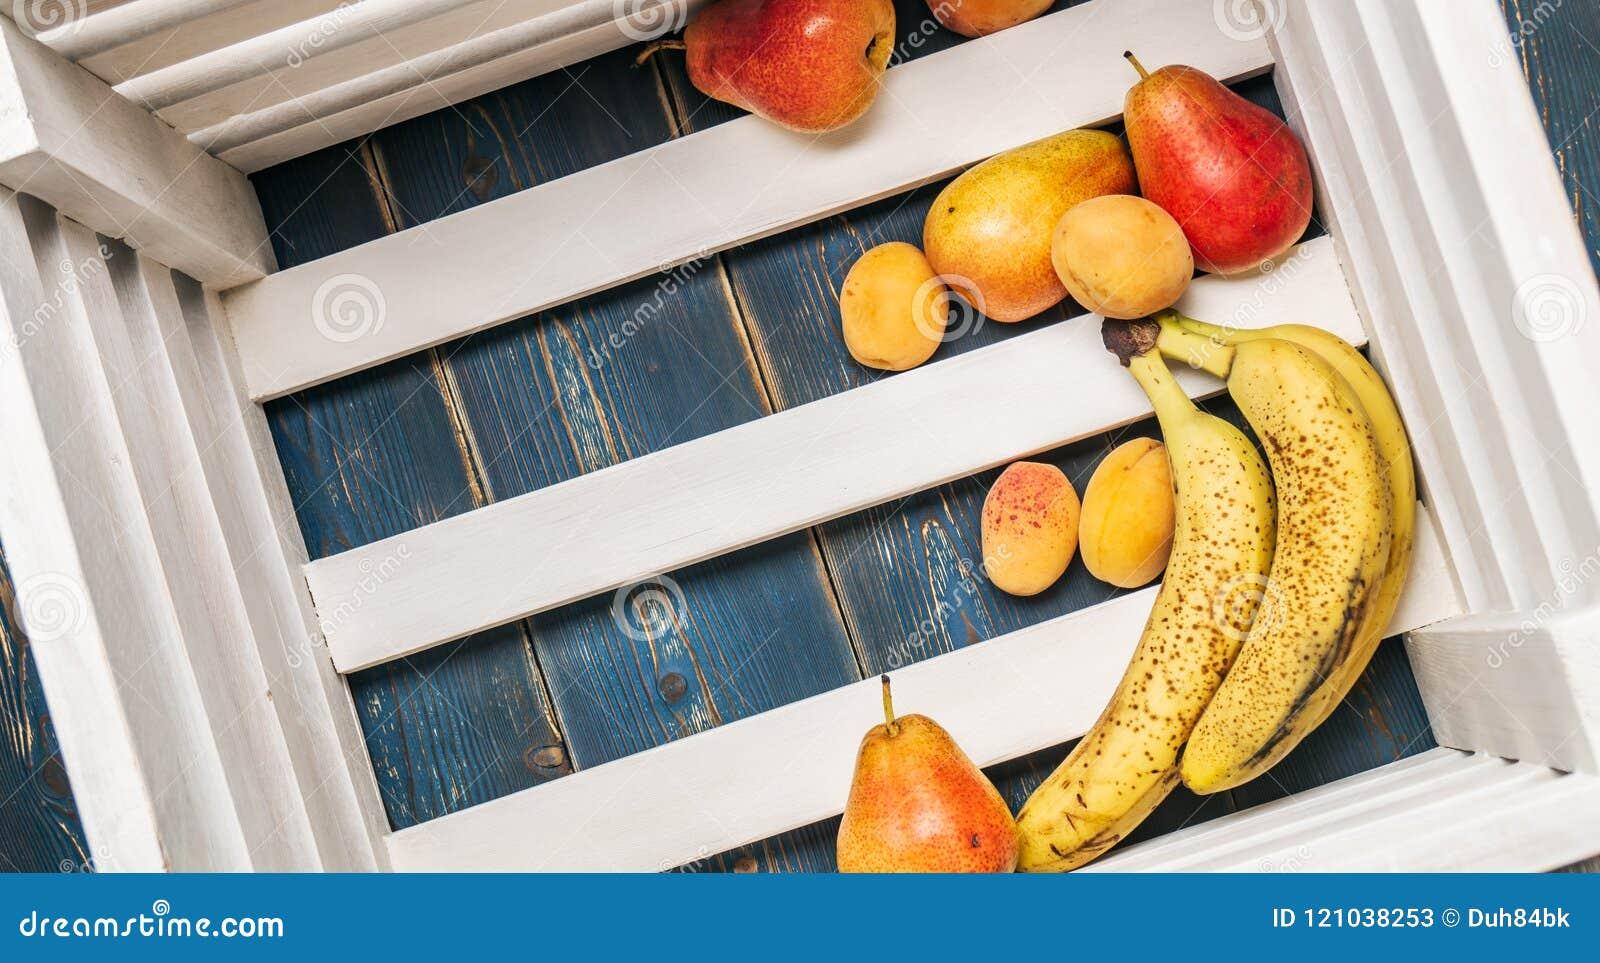 Υγιή τρόφιμα: Ώριμες φρέσκες μπανάνες, αχλάδια, βερίκοκα στο κατώτατο σημείο ενός ξύλινου κιβωτίου